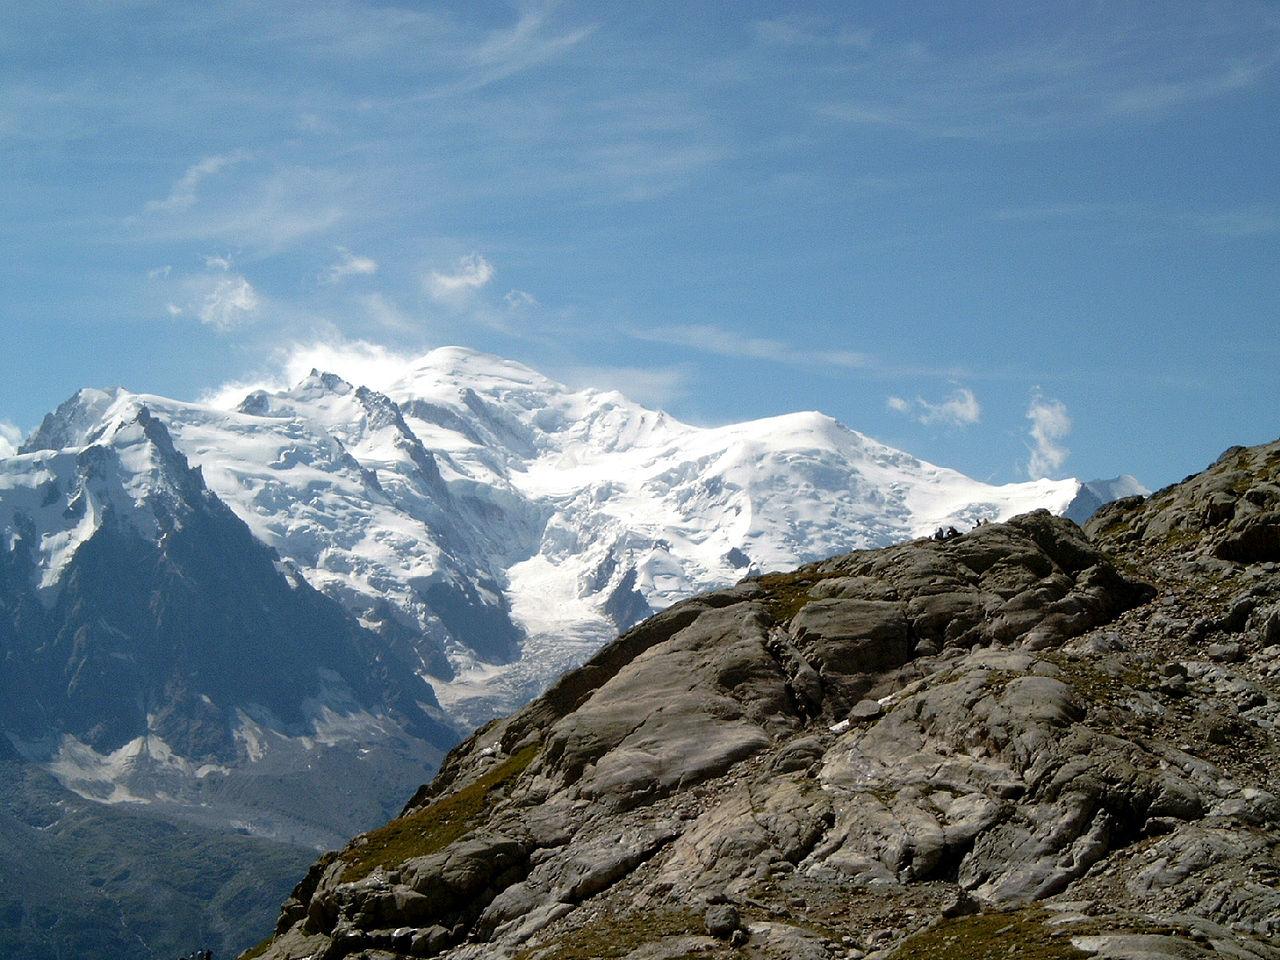 Toppen in de Westelijke Mont Blanc-groep: hoogste top de Mont Blanc, rechts de Dome du Goûter, links van de Mont Blanc de Mont Maudit en Mont Blanc du Tacul, daarvoor de Aiguille du Midi.